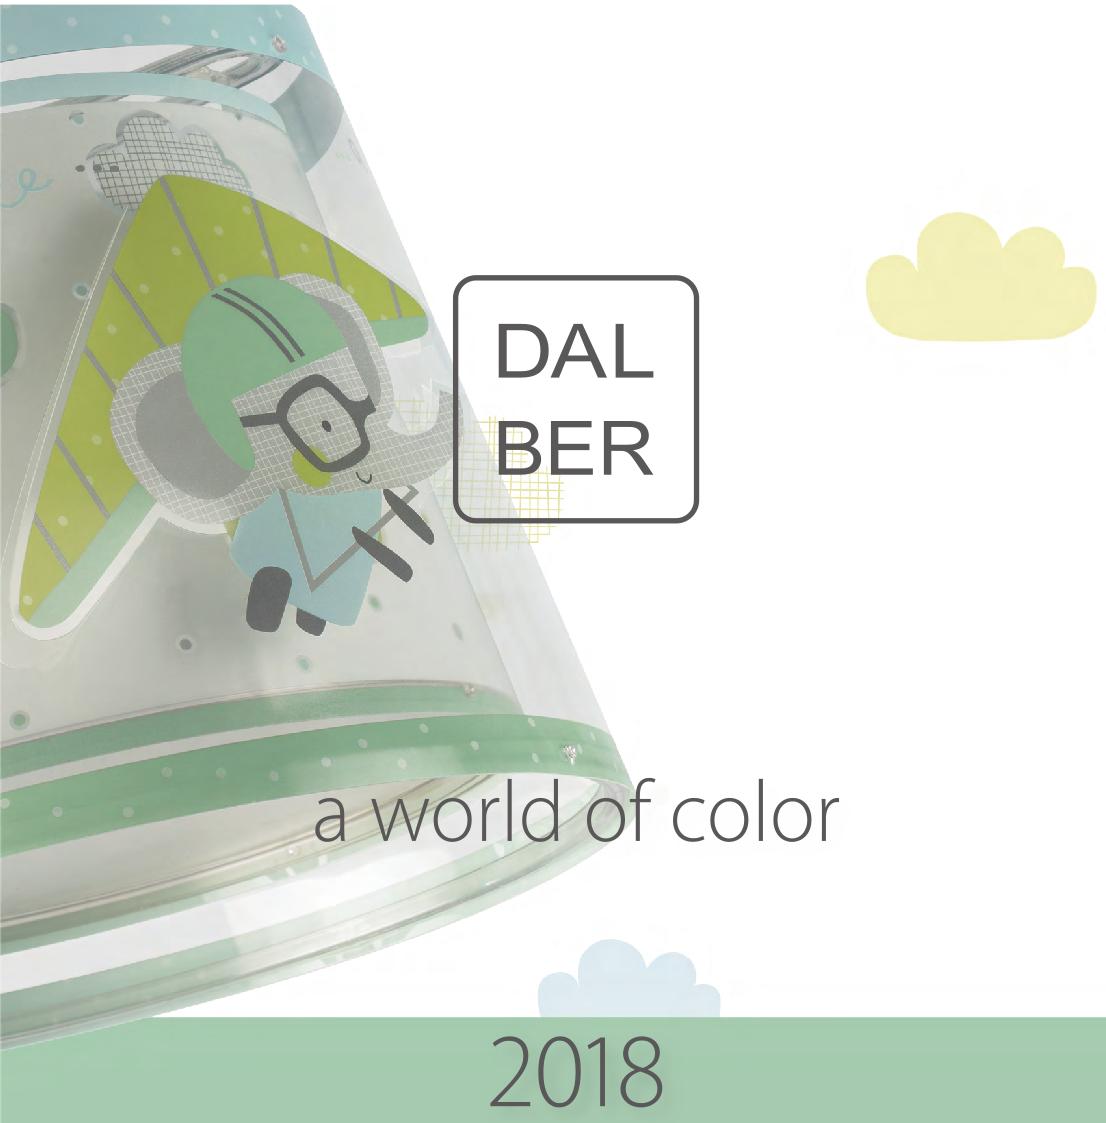 2018 dalber